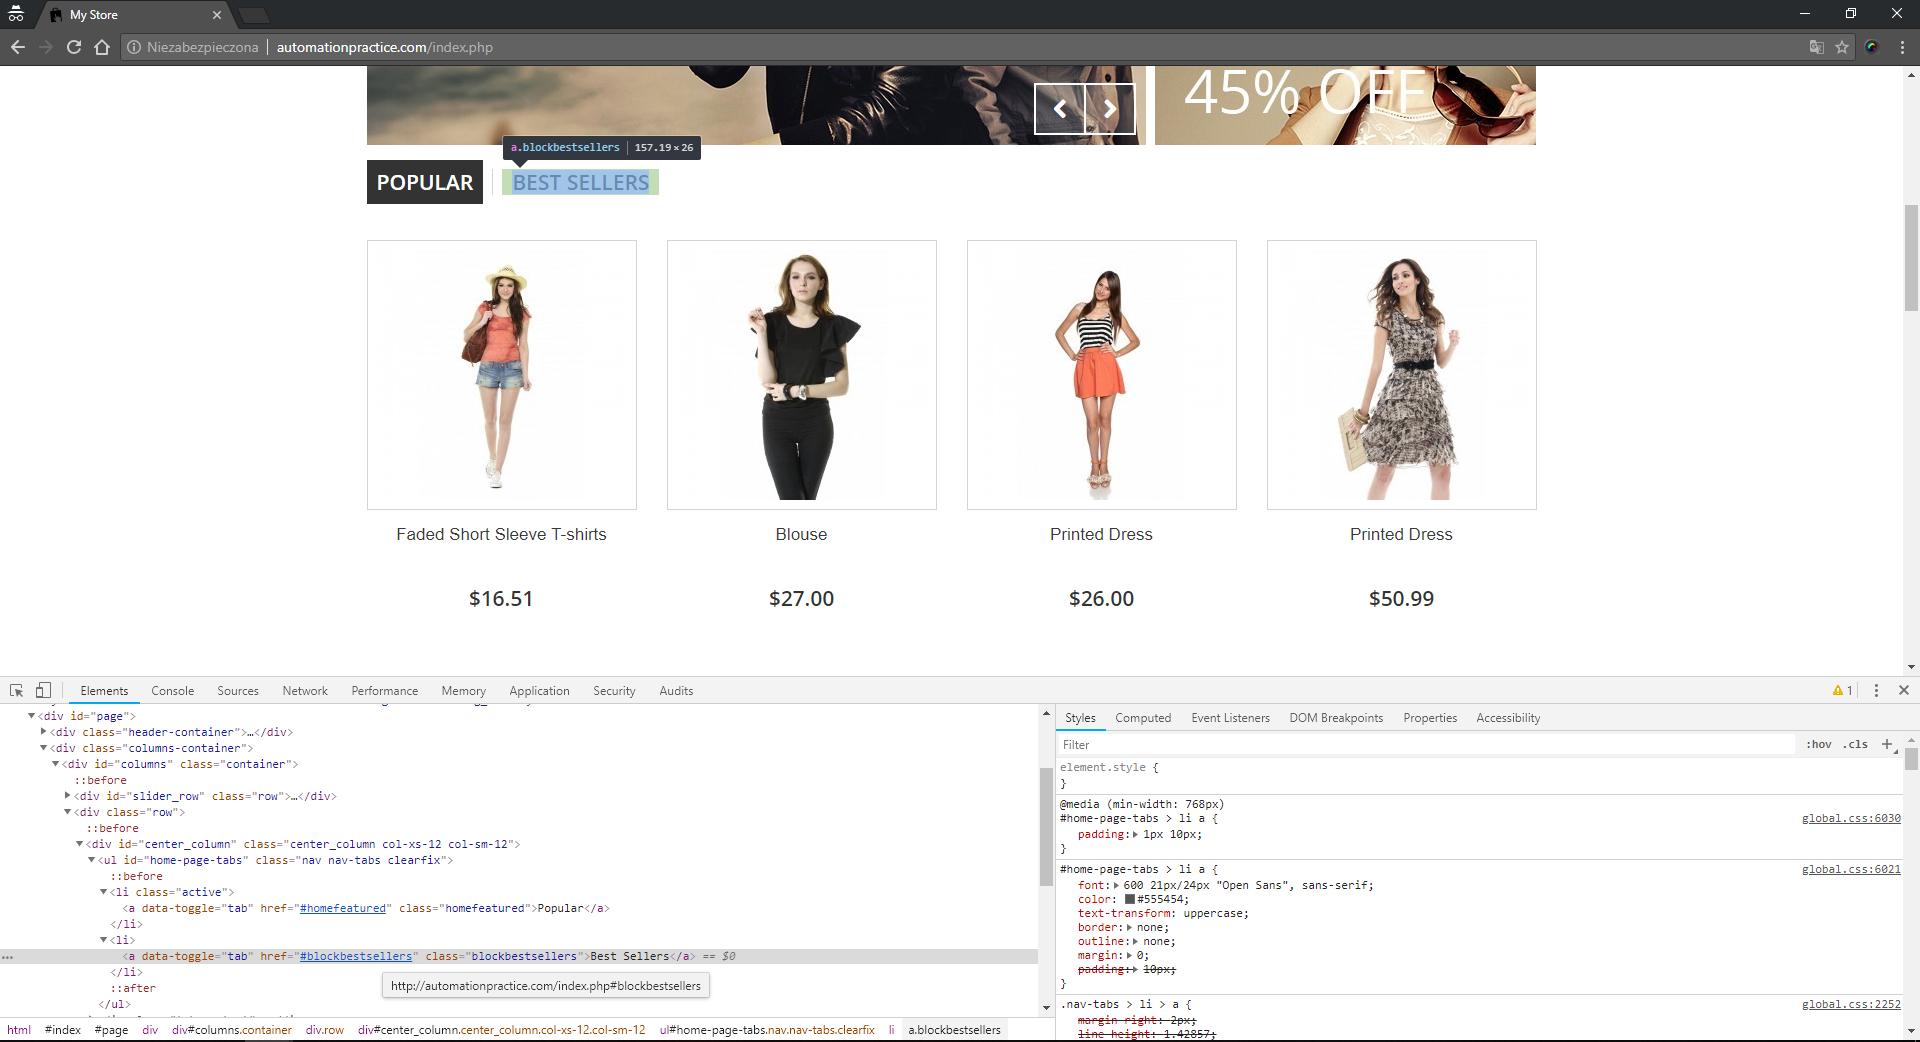 Przykład web elementu ze strony automationpractice.com